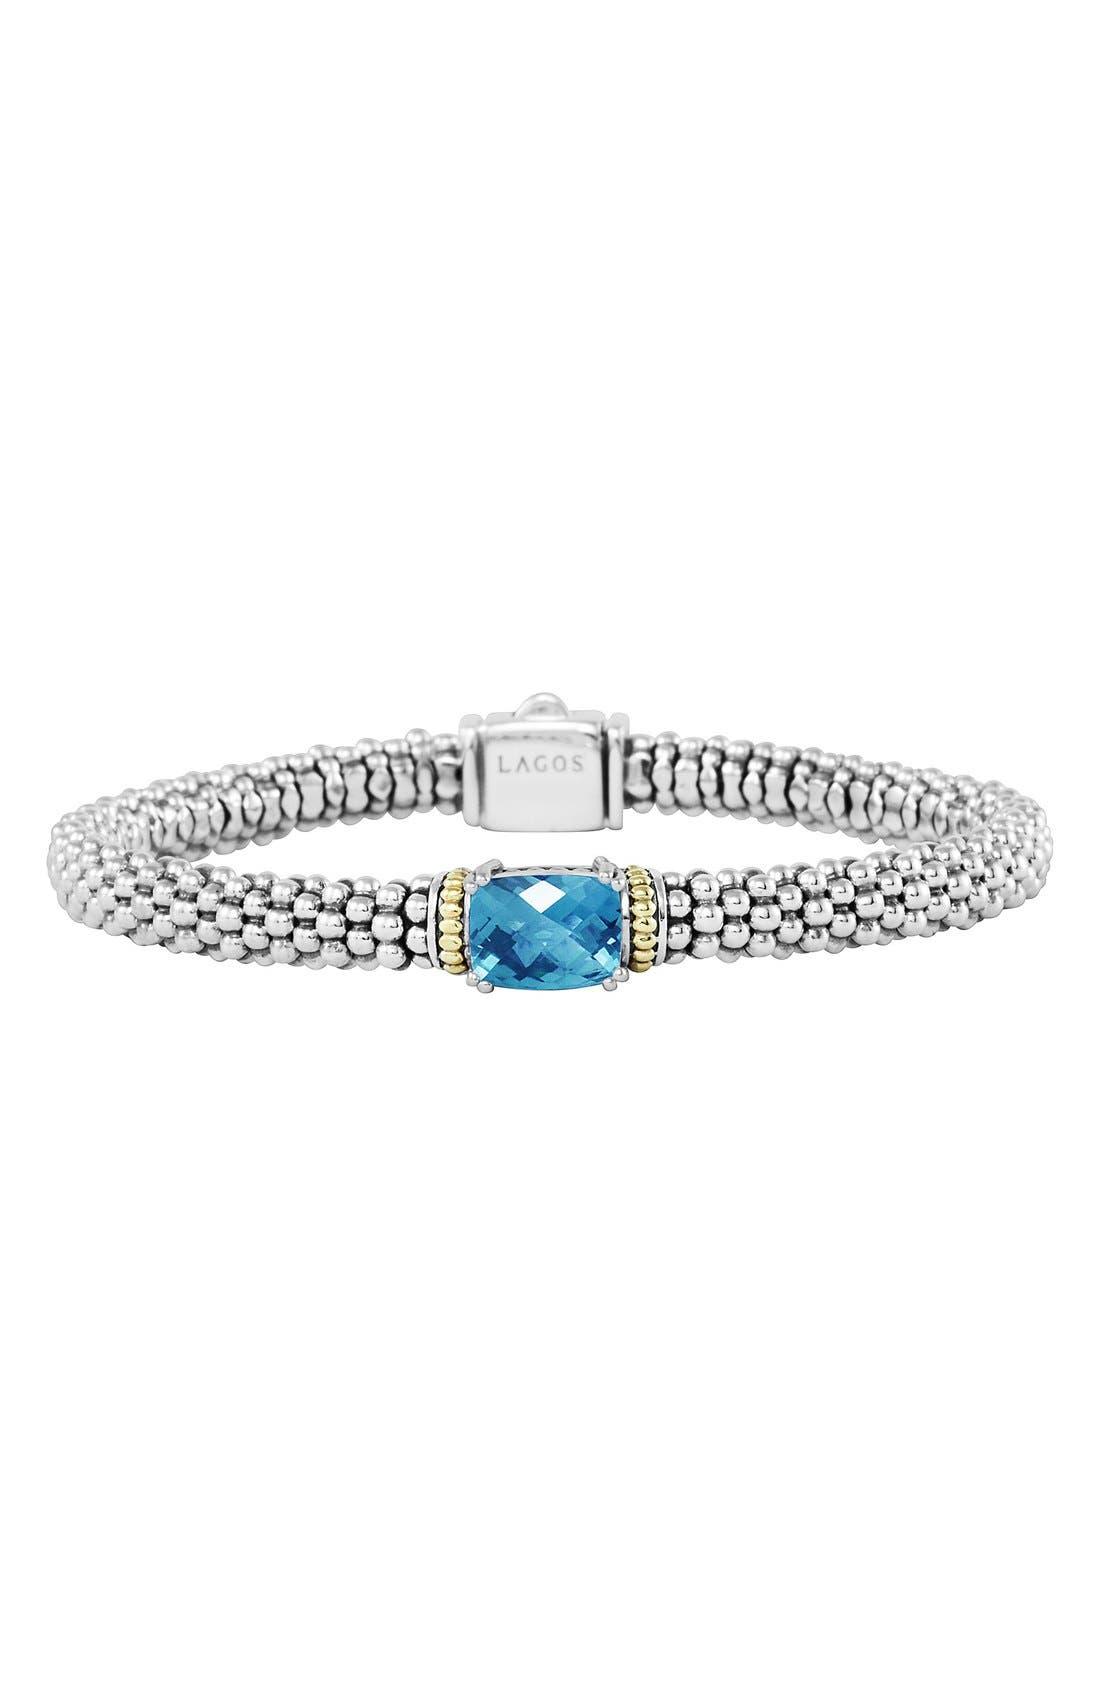 Alternate Image 1 Selected - LAGOS 'Prism' Rope Station Bracelet